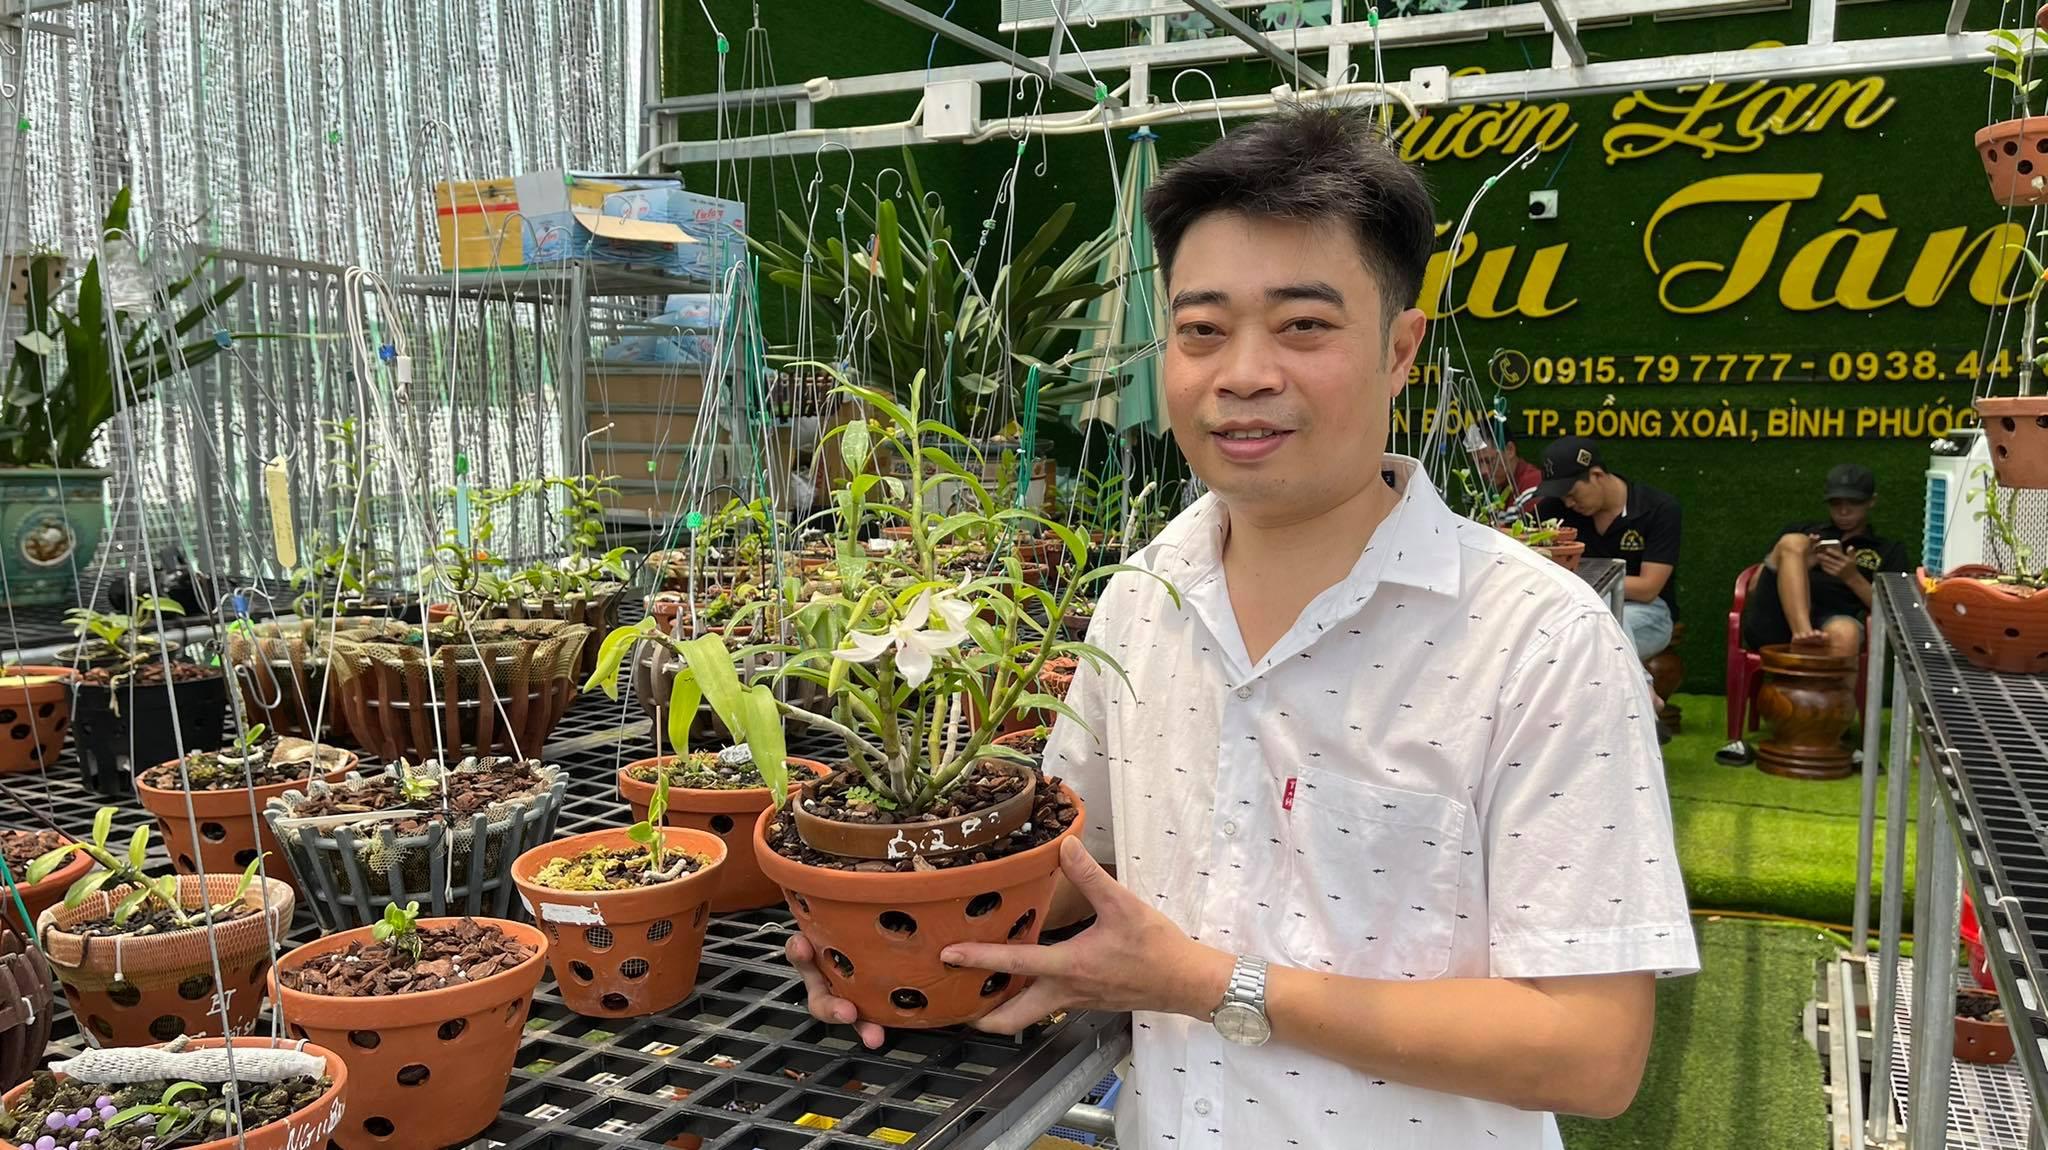 Ông chủ vườn lan 8X Nguyễn Hữu Tân và mơ ước về một vườn lan trăm loài - Ảnh 3